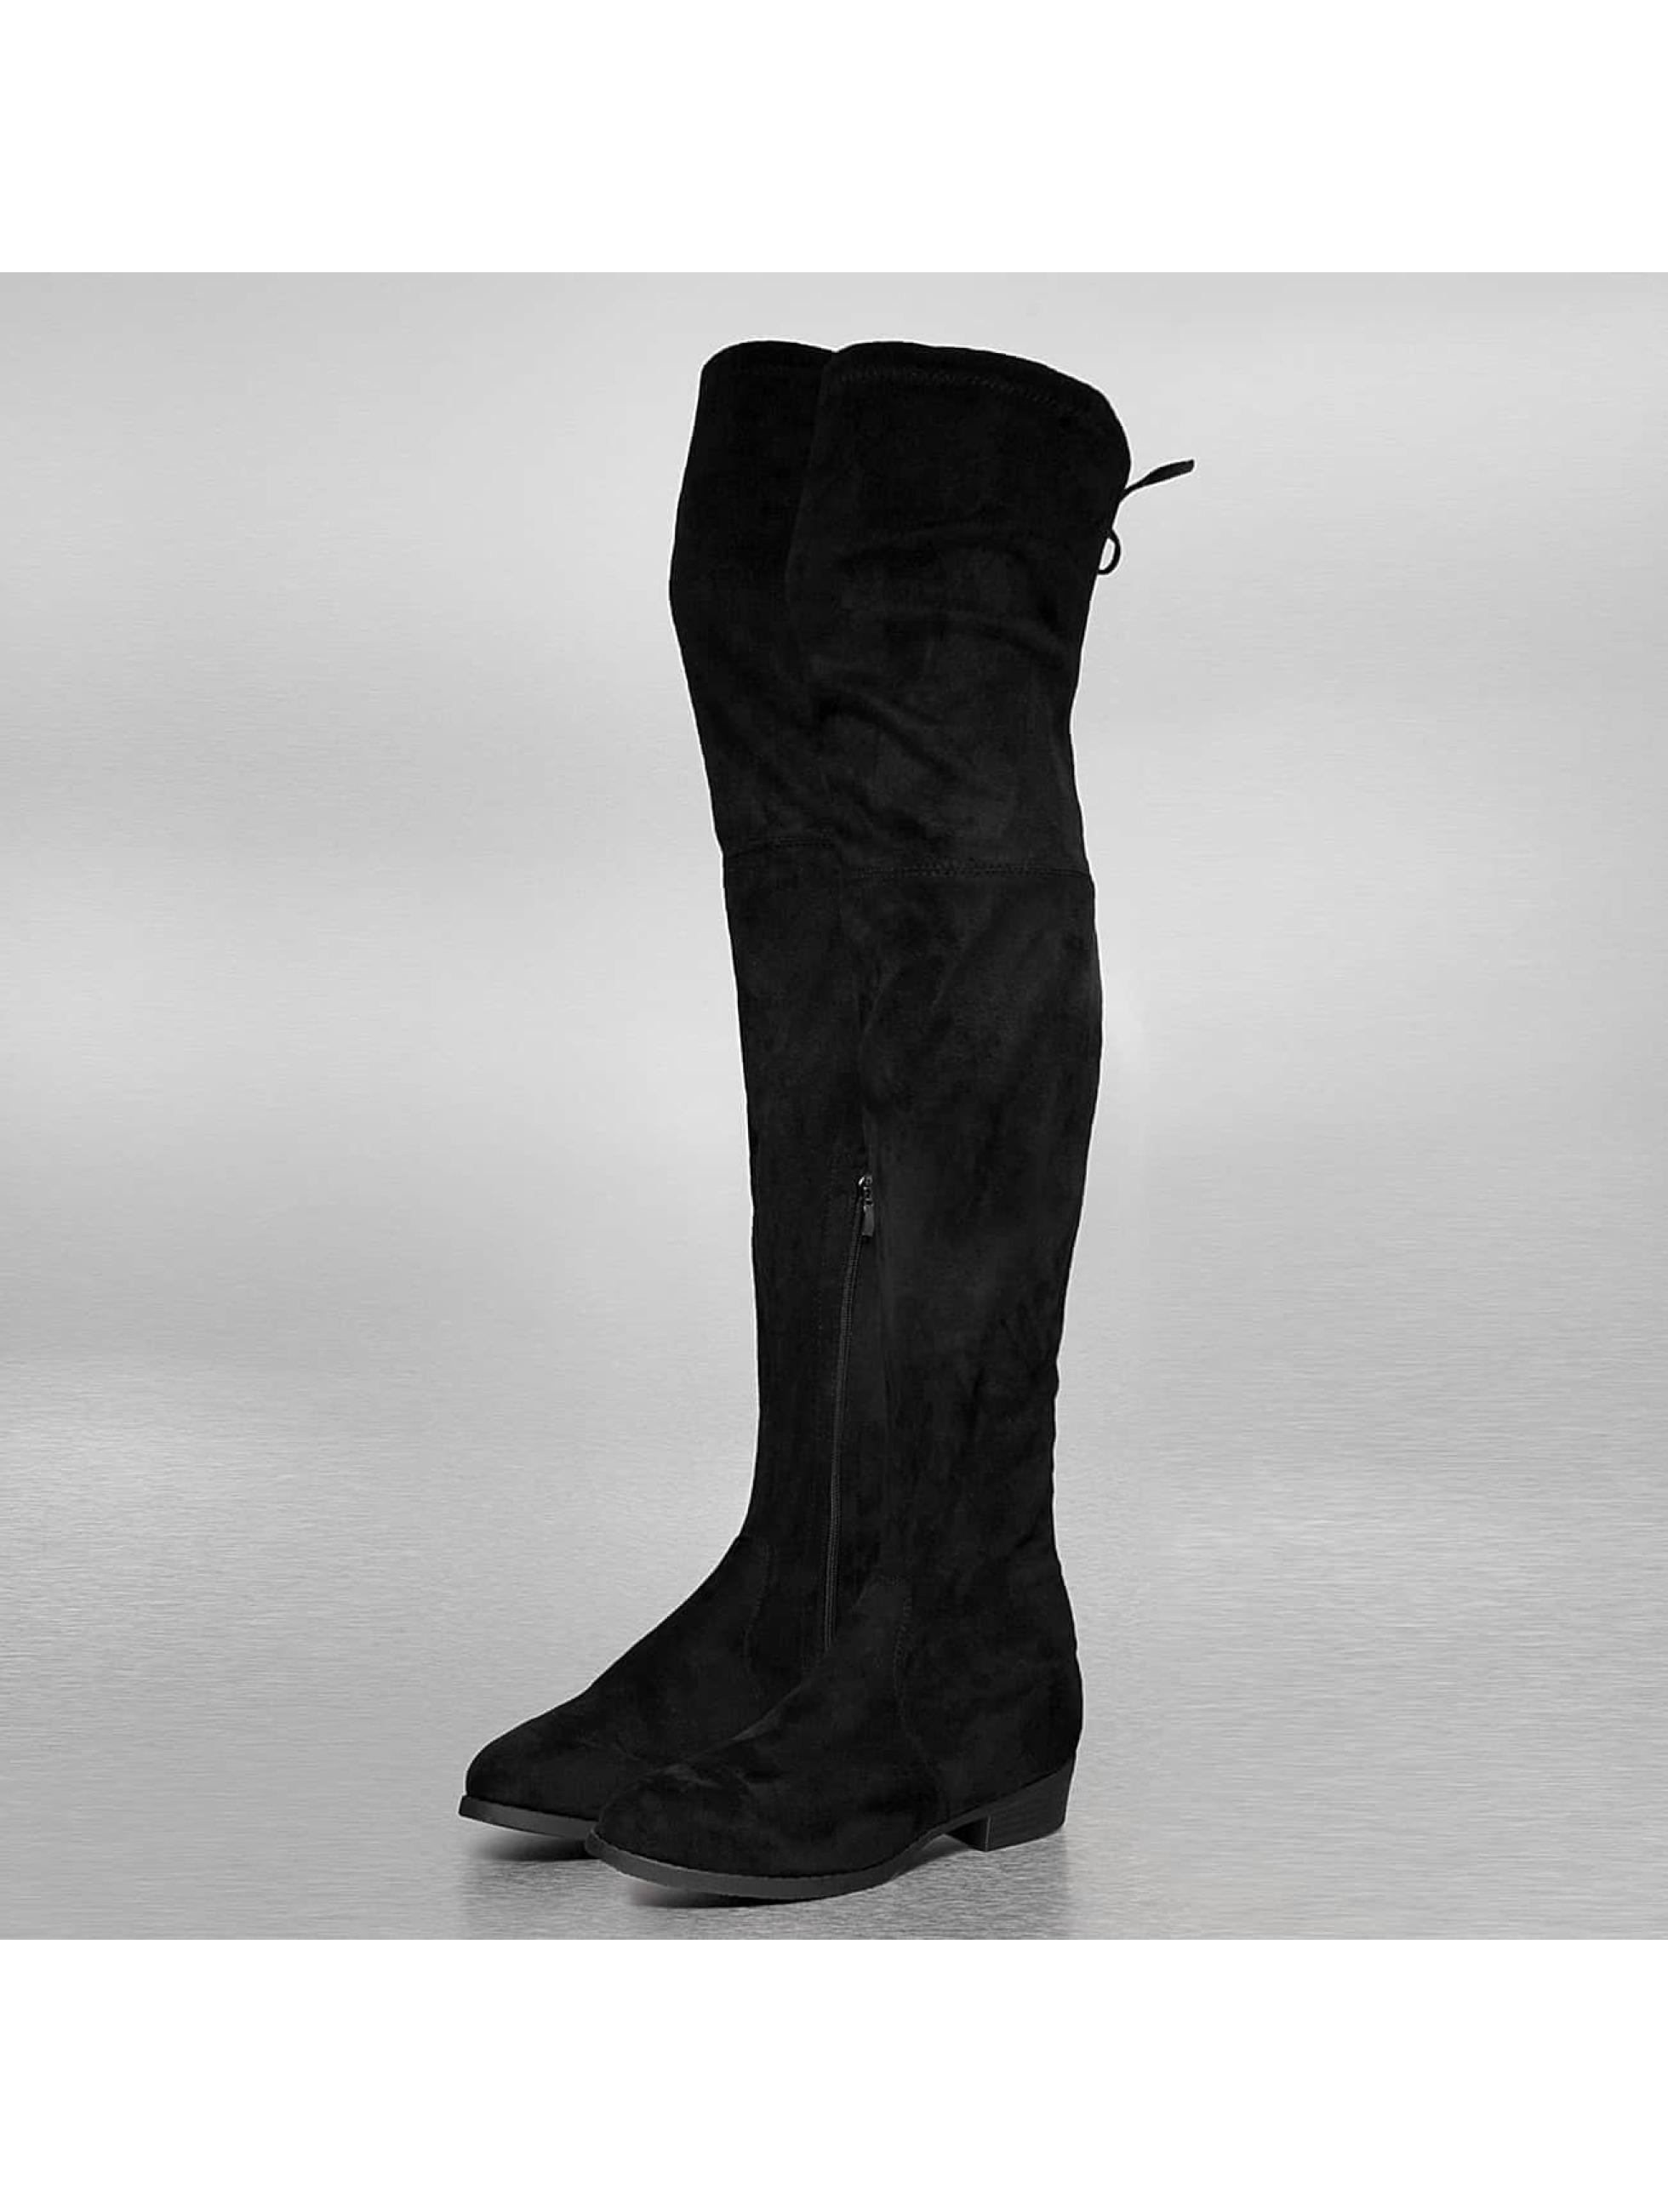 Stiefel Overknees in schwarz